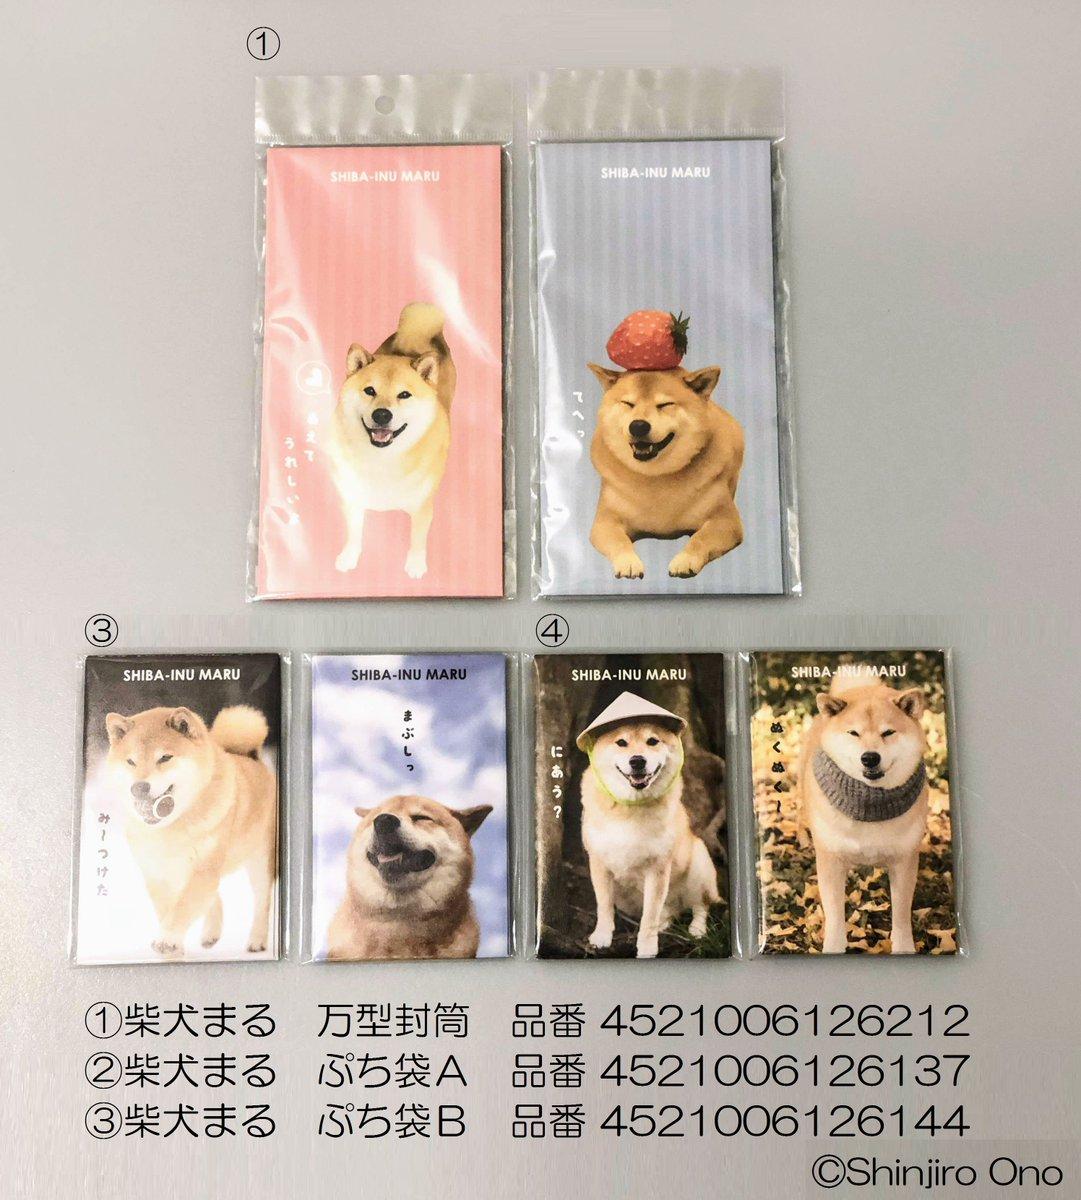 test ツイッターメディア - 2018年、SNSの人気者たちとのキャンドゥがコラボしたグッズにもぷち袋がたくさん! #お年玉 の#ポチ袋 としてはもちろん、ちょっとしたお手紙を入れる封筒にも☆  #柴犬まる #はりねずみのあずき #猫のすずめちゃん #StandardPoodleQooRikuGaku #犬 #日本犬 #大型犬 #猫 #はりねずみ #小動物 #お正月 https://t.co/YnOHH8Y3Zm